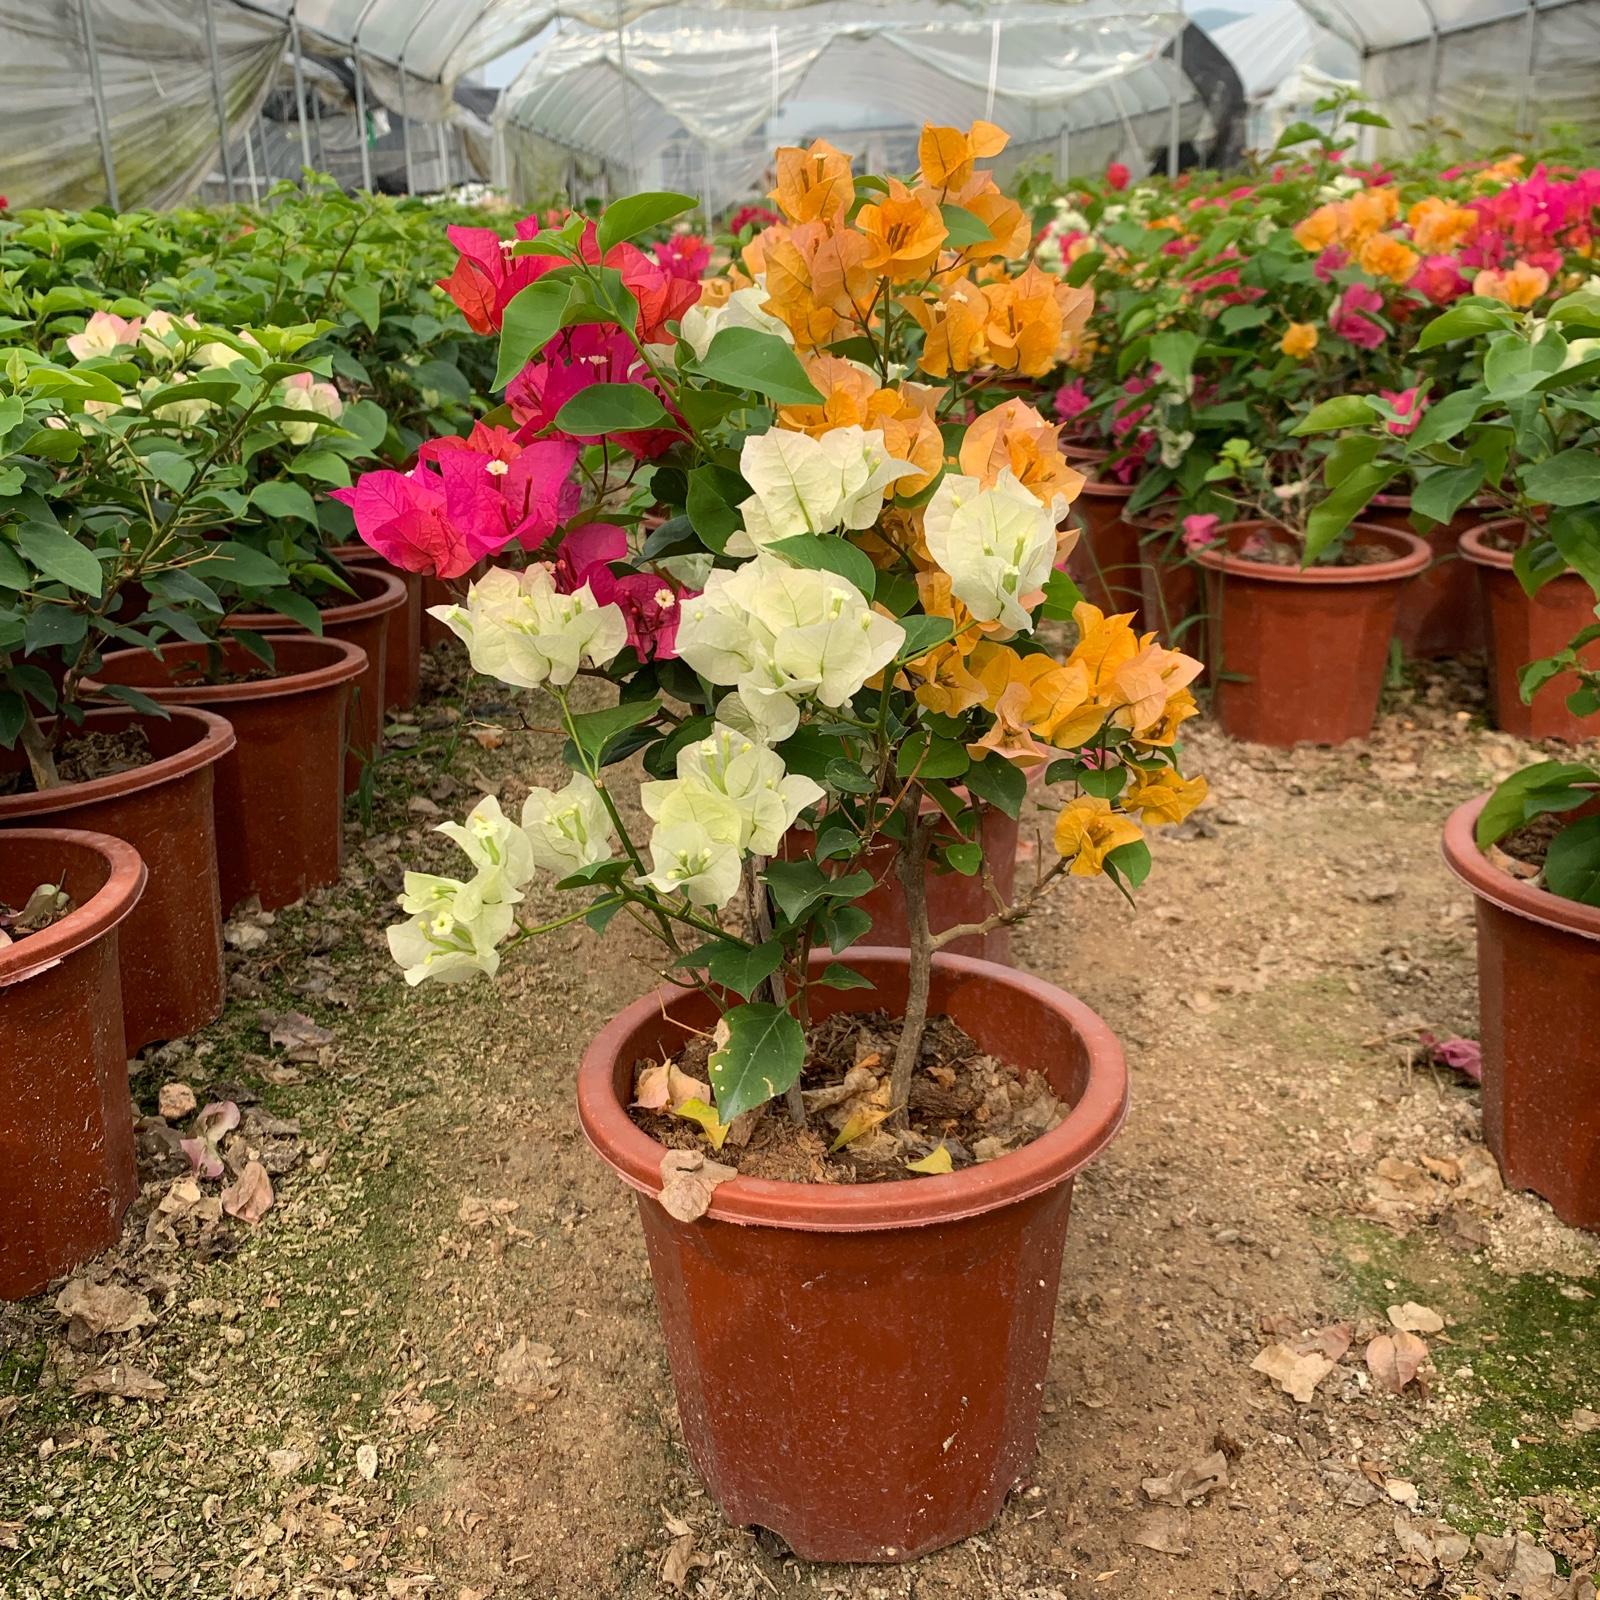 多色三角梅四季开花卉盆栽爬藤植物阳台庭院老桩多色重瓣带花发货